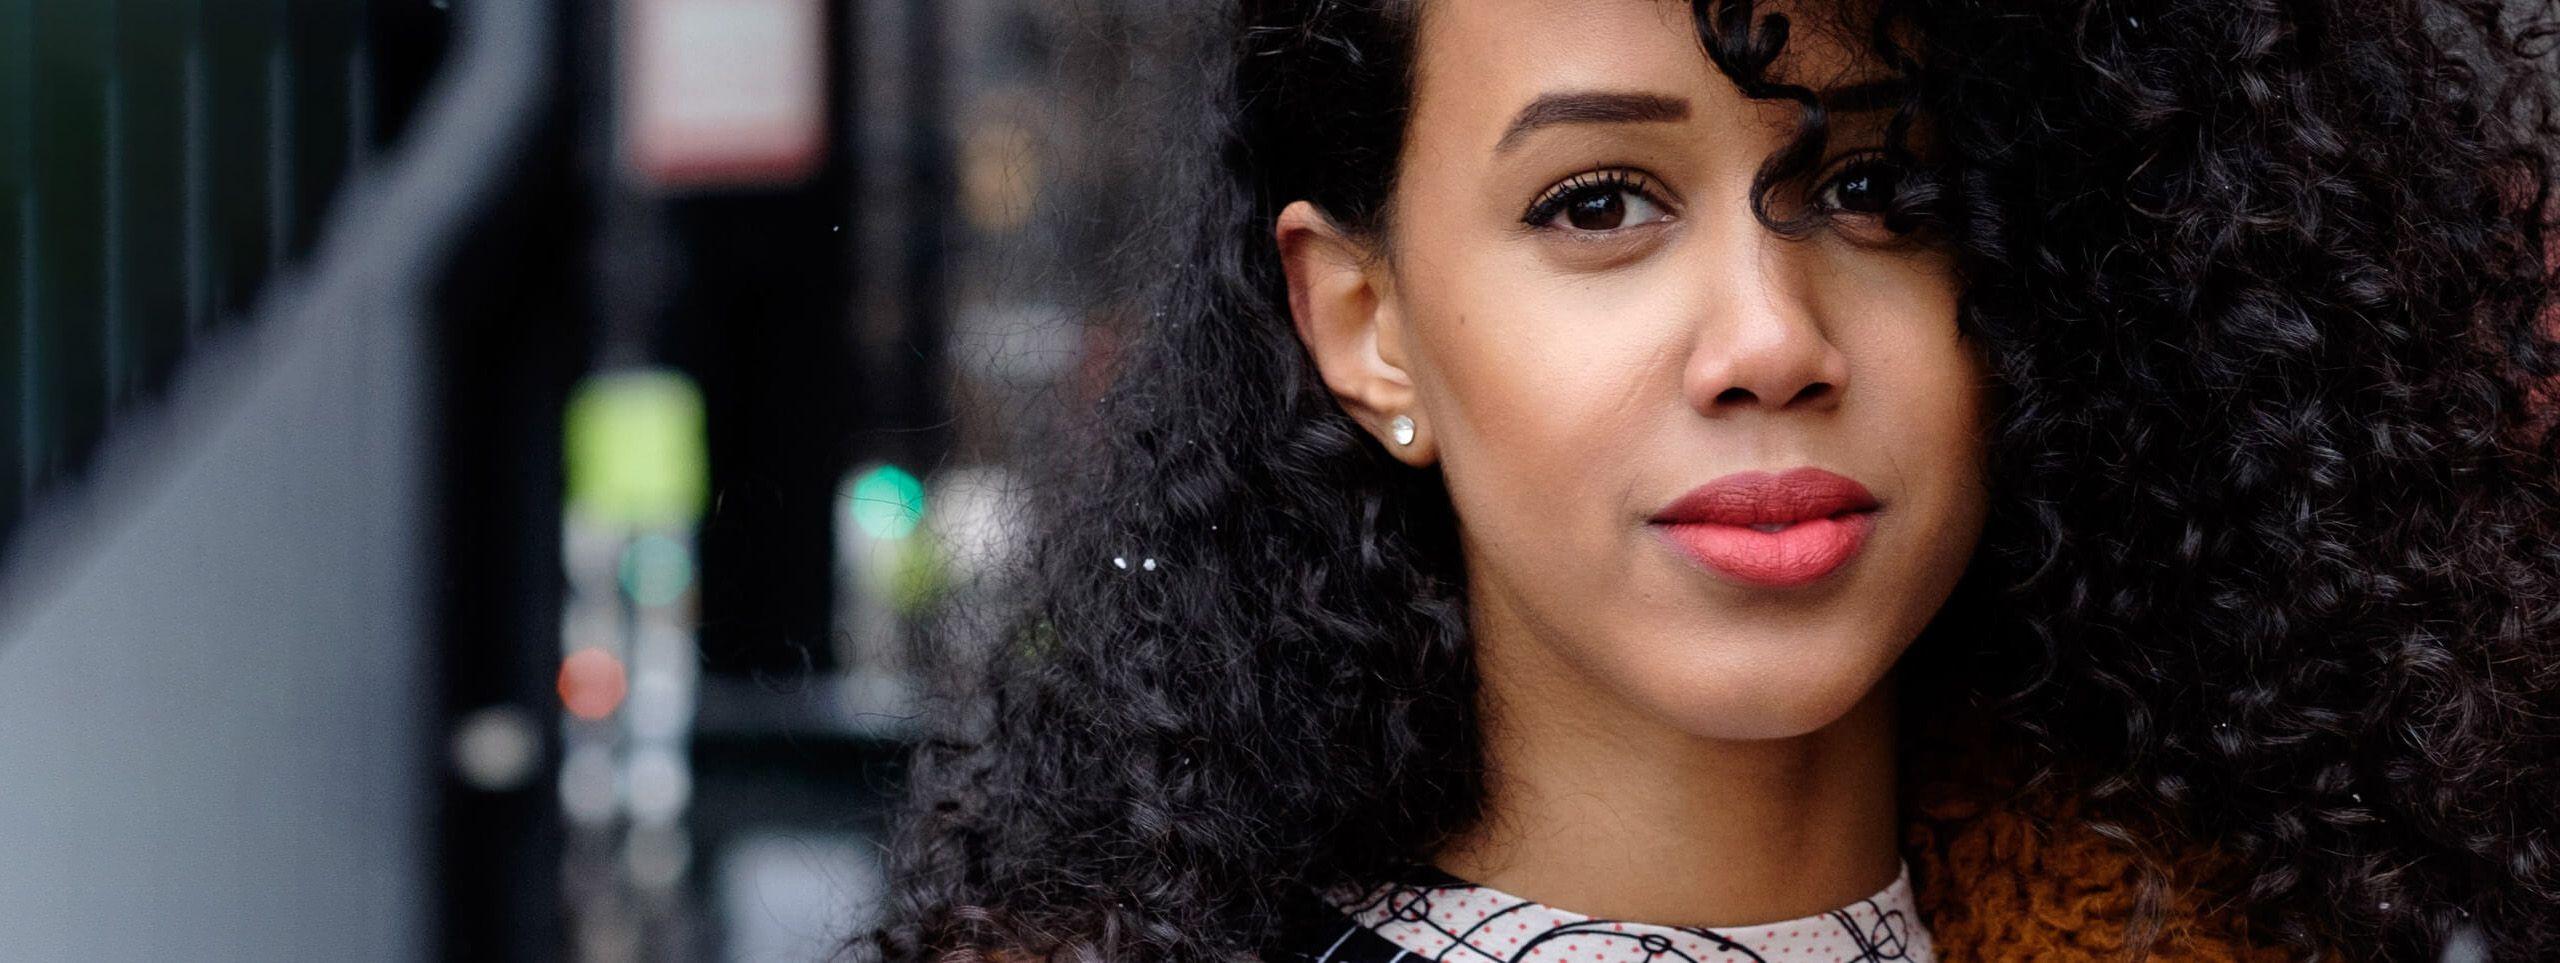 Femme cheveux noirs bouclés streetstyle